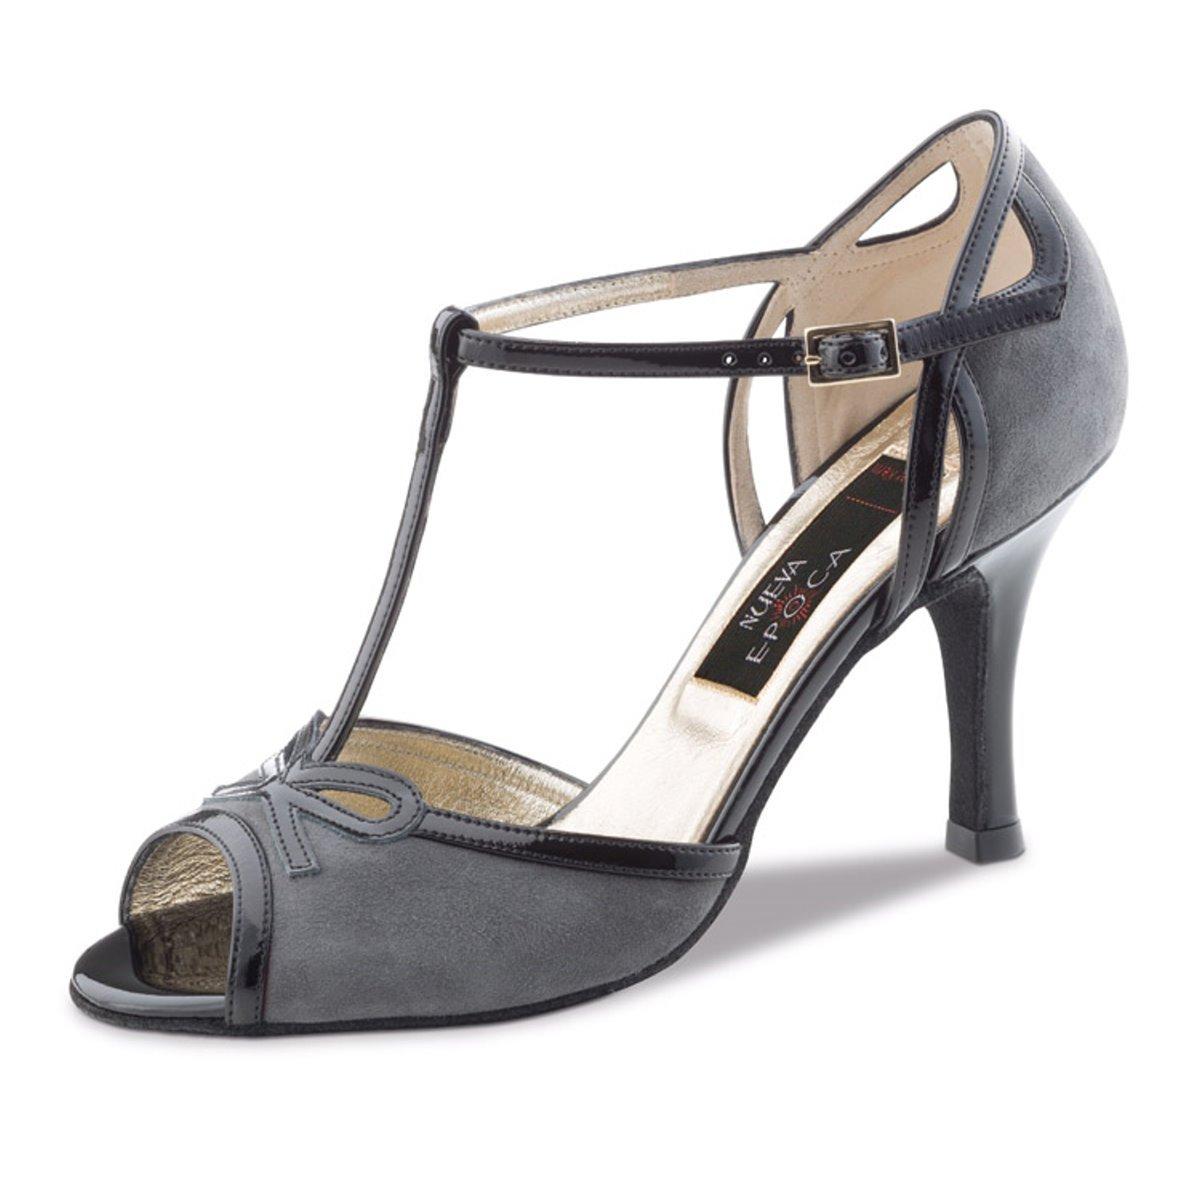 Nueva Epoca Epoca Epoca - Damen Tango Salsa Tanzschuhe Alexia - Leder Grau Schwarz - 6 cm b572a1